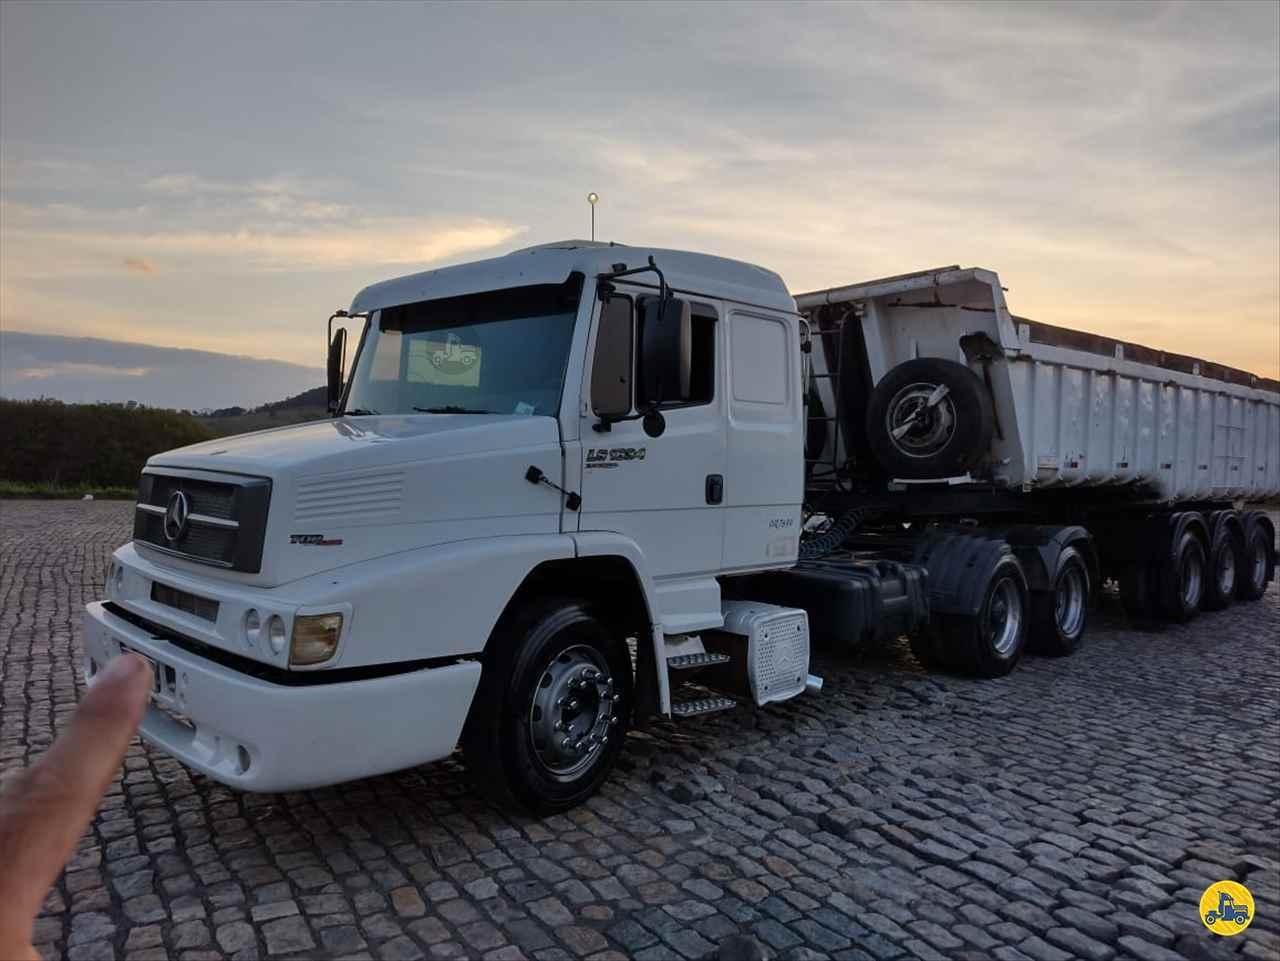 CAMINHAO MERCEDES-BENZ MB 1634 Cavalo Mecânico Truck 6x2 Caminhões Certos CONTAGEM MINAS GERAIS MG